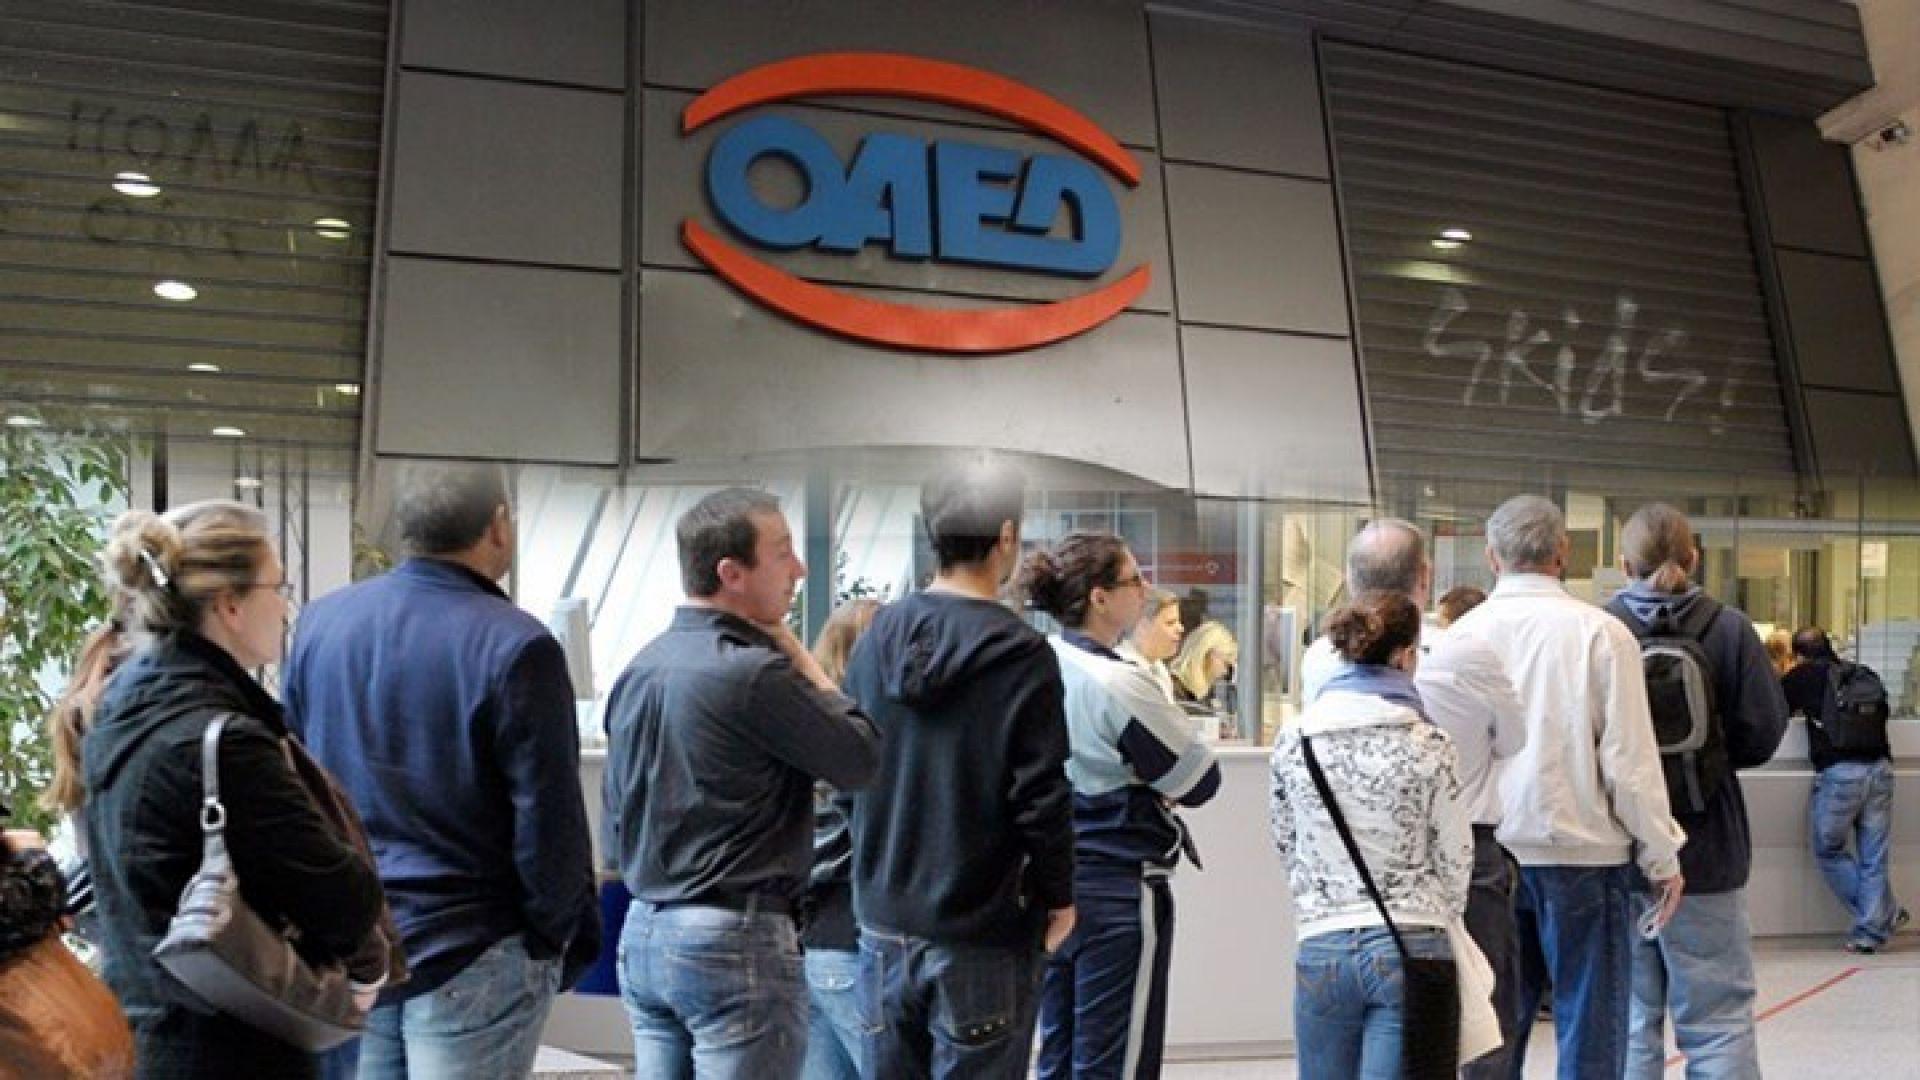 Μακροχρόνια άνεργοι: Άνοιξε η πλατφόρμα gov.gr για το επίδομα - Από αύριο η καταβολή